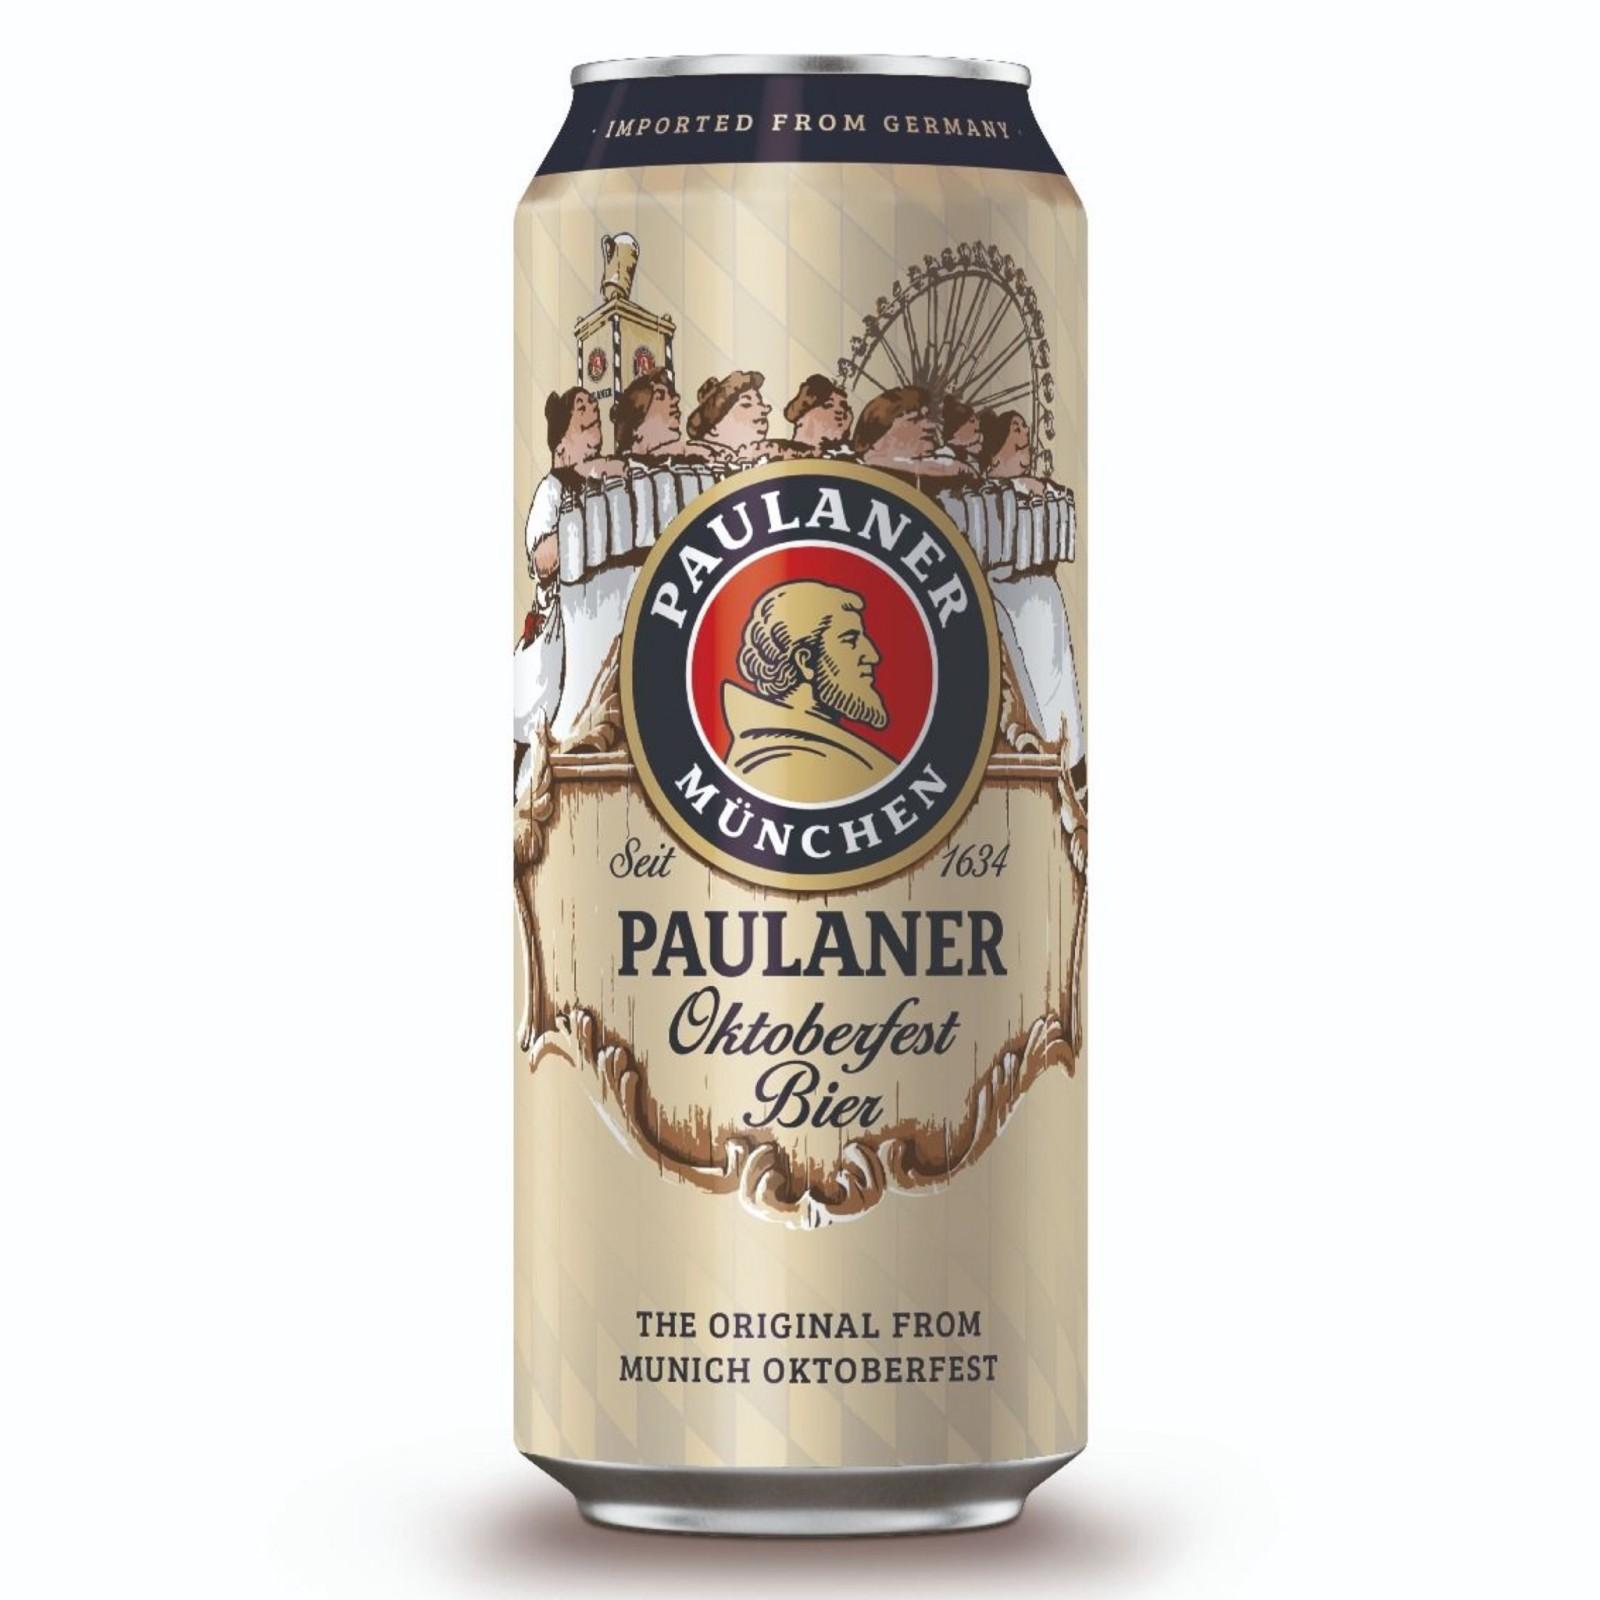 Paulaner Oktoberfest Bier Can 6% 500ml